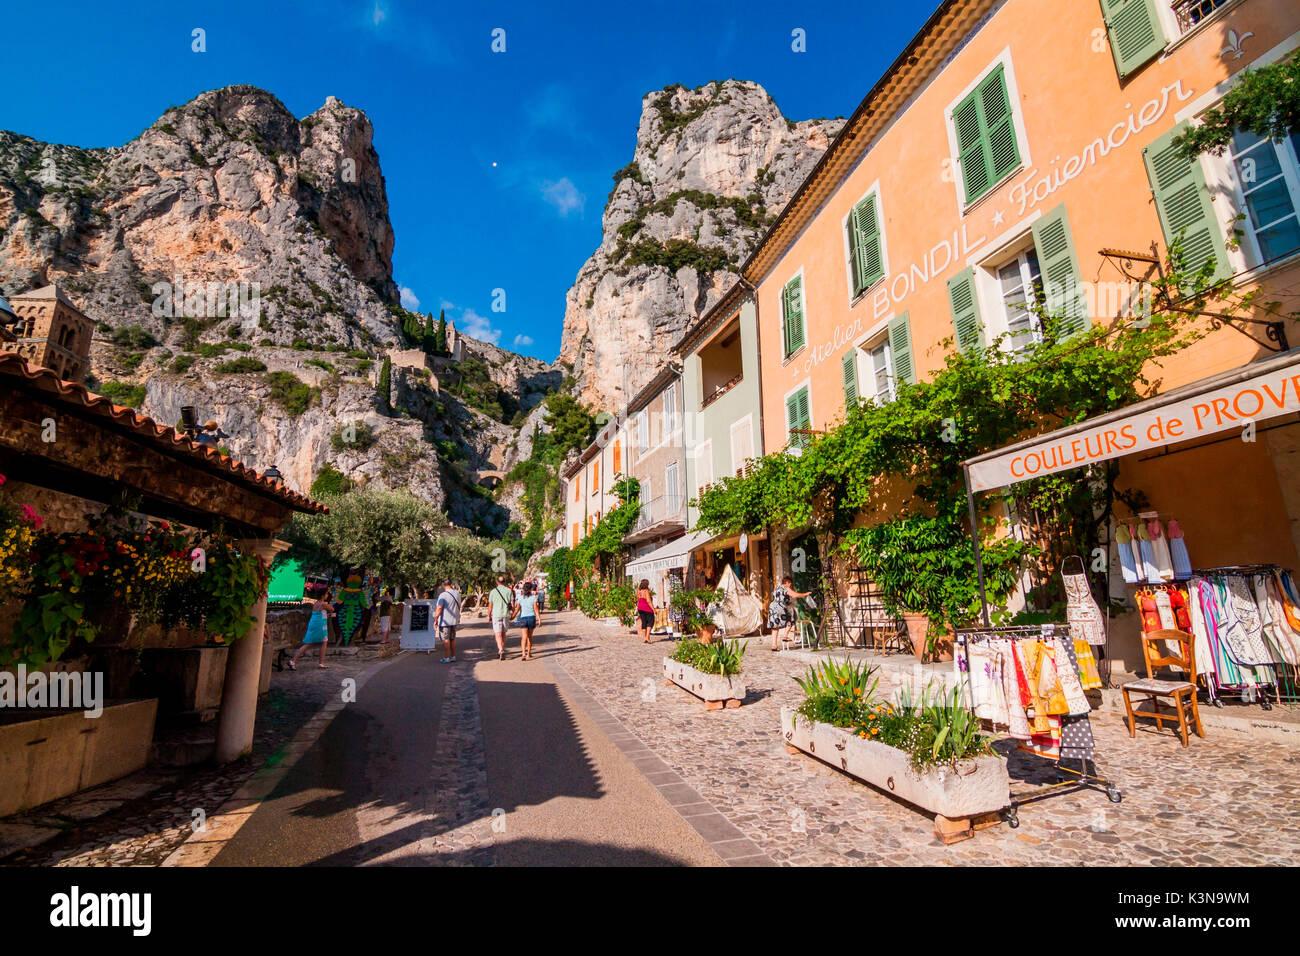 France, Provence, near Gorges du Verdon, Moustier-Sainte-Marie Stock Photo